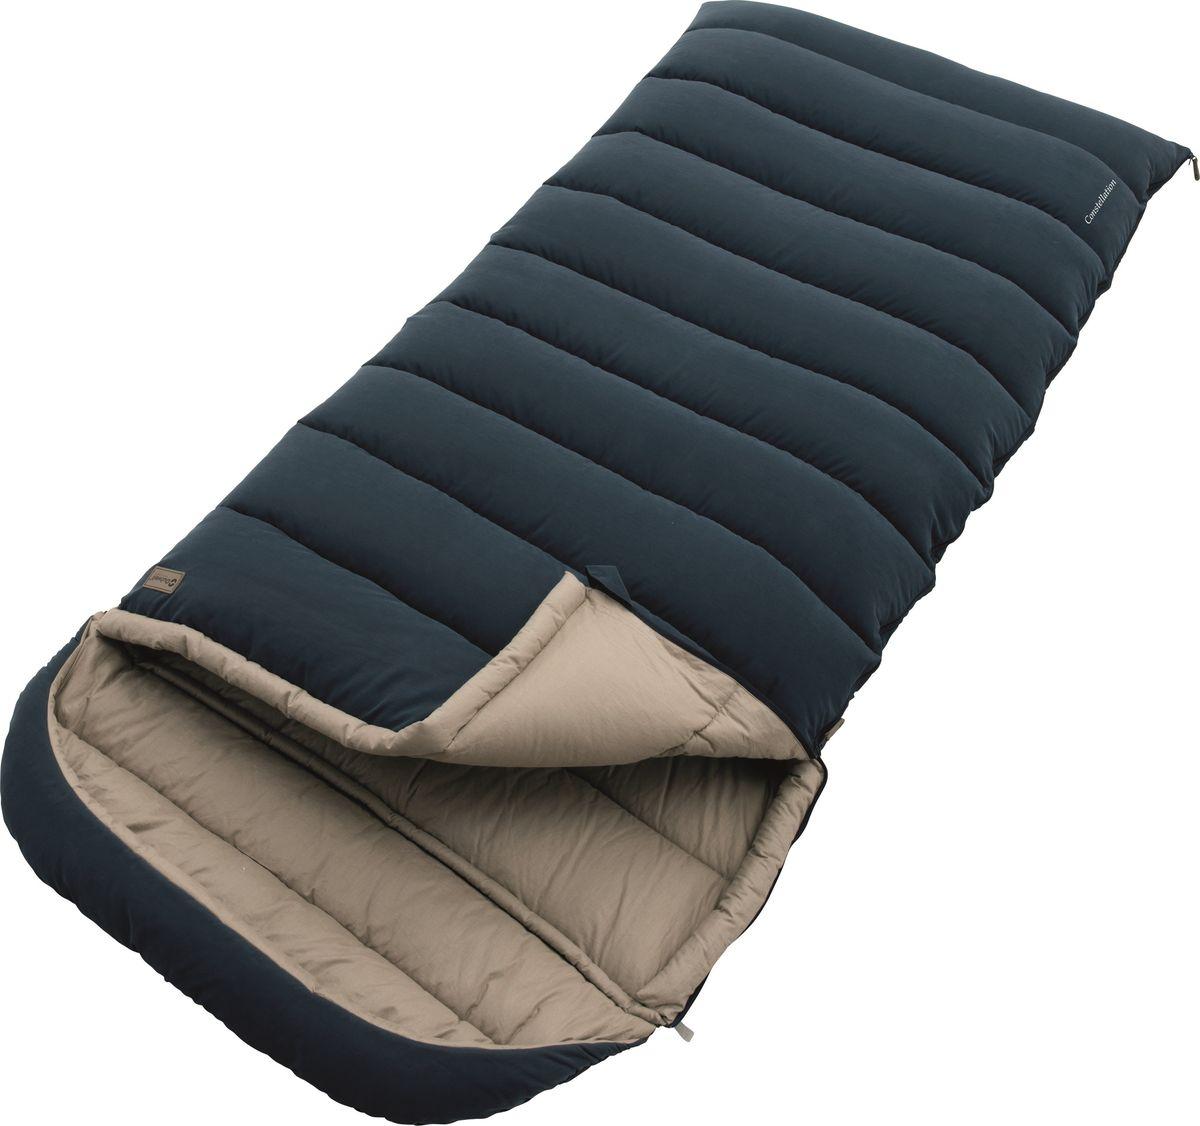 Спальный мешок Outwell Constellation Lux, цвет: синий, двусторонняя молнияP7.2 NСпальный мешок Outwell Constellation прочный и ультра-мягкий. Матовая внешняя сторона, 100% хлопковая подкладка и наполнитель премиум Isofill обеспечивают лучший в кемпинге комфорт. Просторный спальный мешок с возможностью полностью расстегнуть и использовать как большое одеяло.